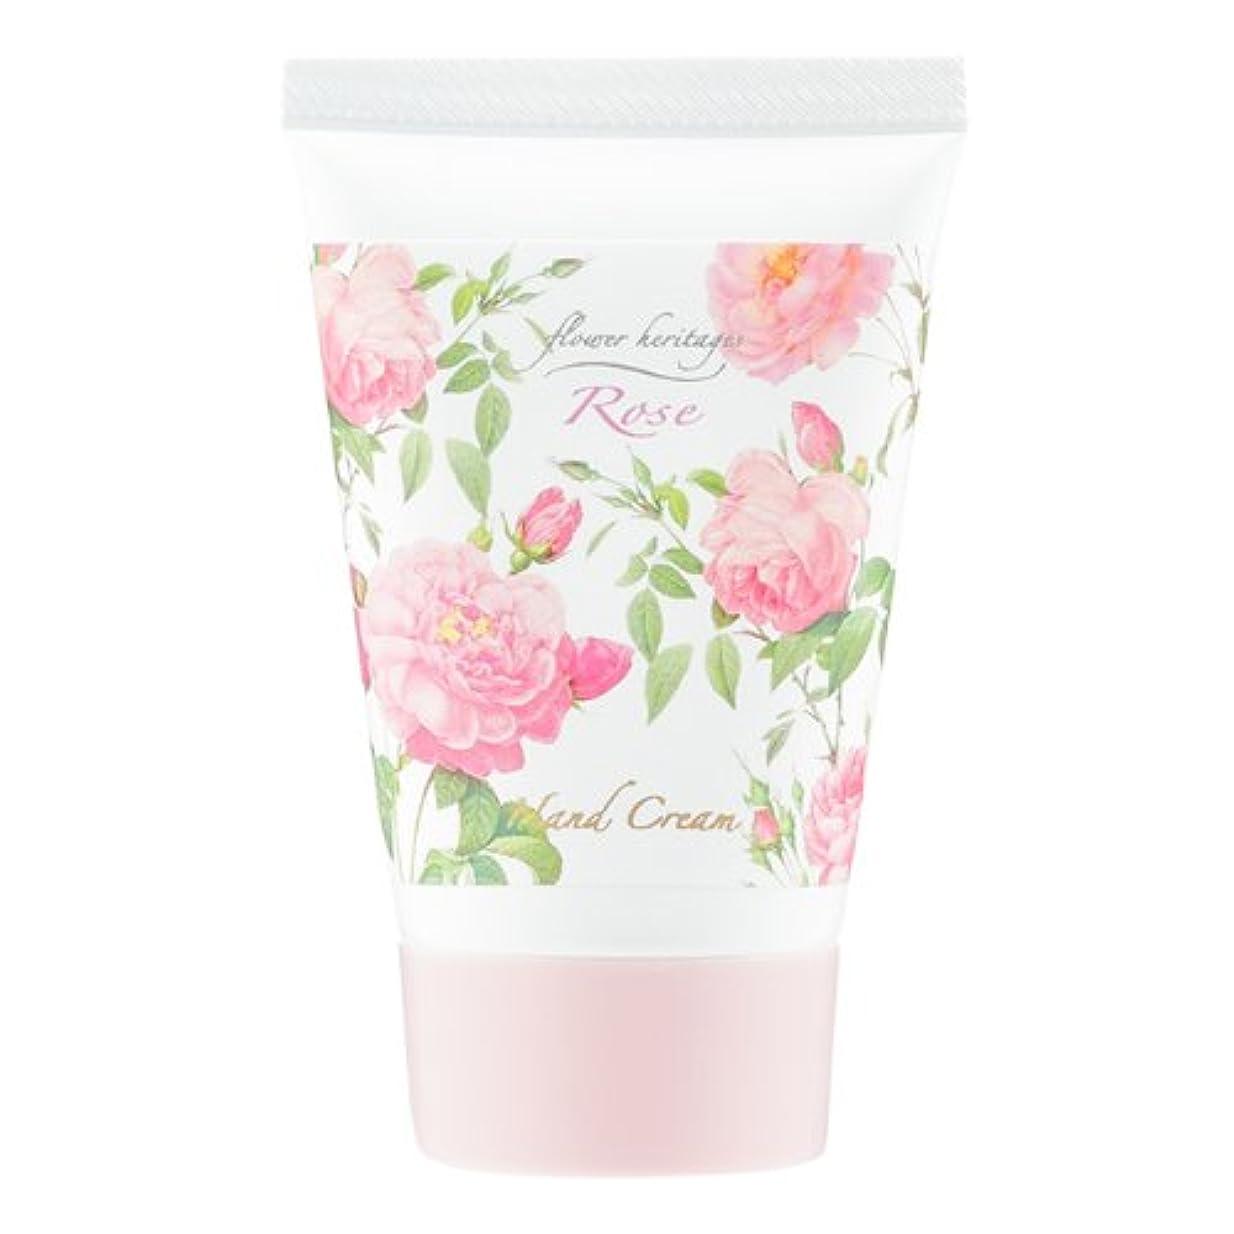 エトナ山マングルリーフレットネイチャータッチ (Nature Touch) Flower Heritage ハンドクリーム40g/ローズ